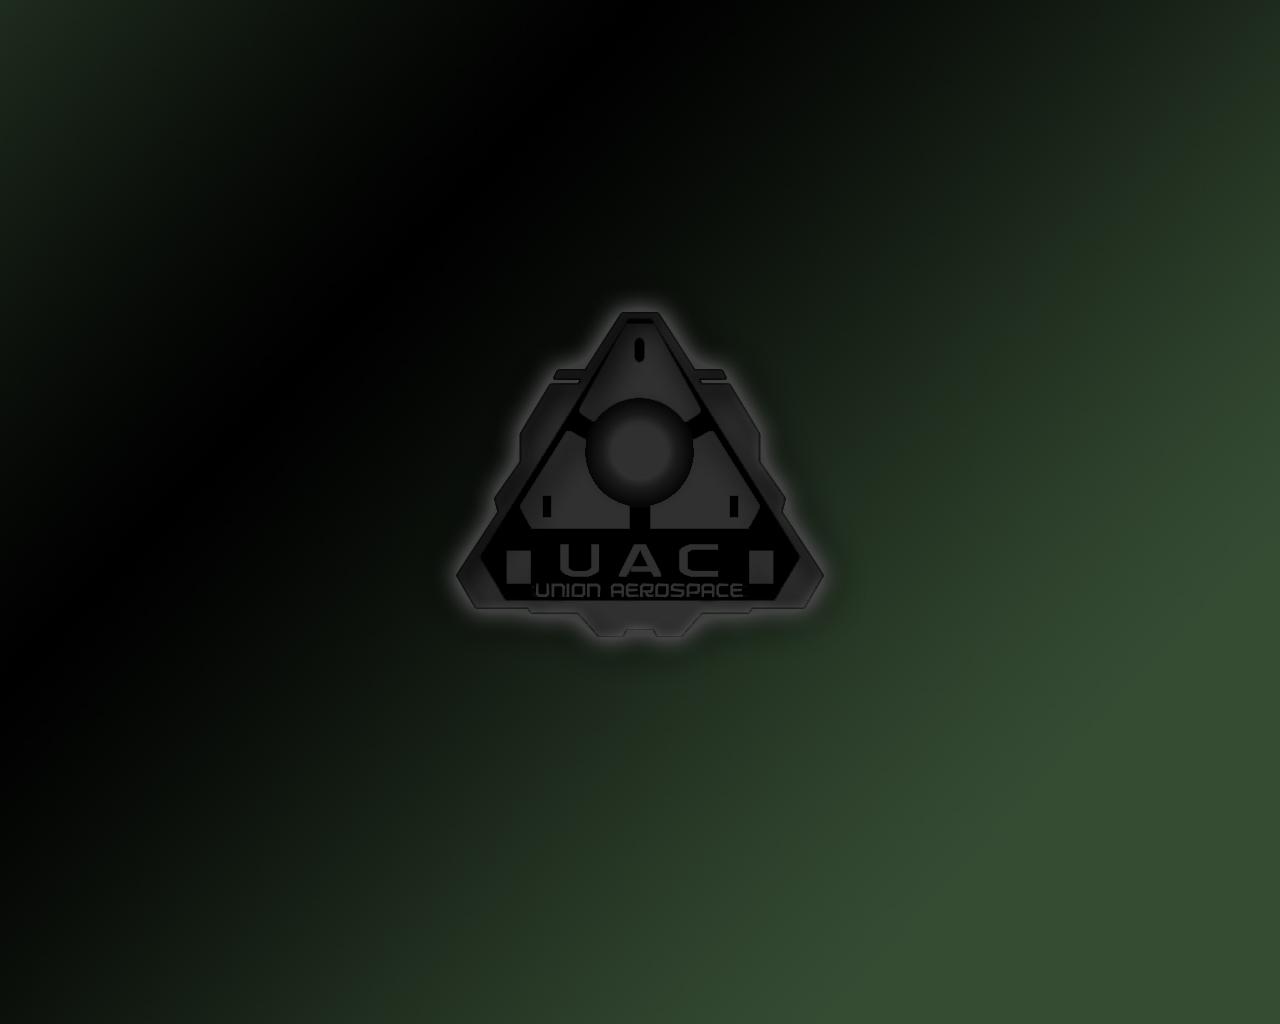 Doom Computer Wallpaper Desktop Background 1280x1024 ID62699 1280x1024